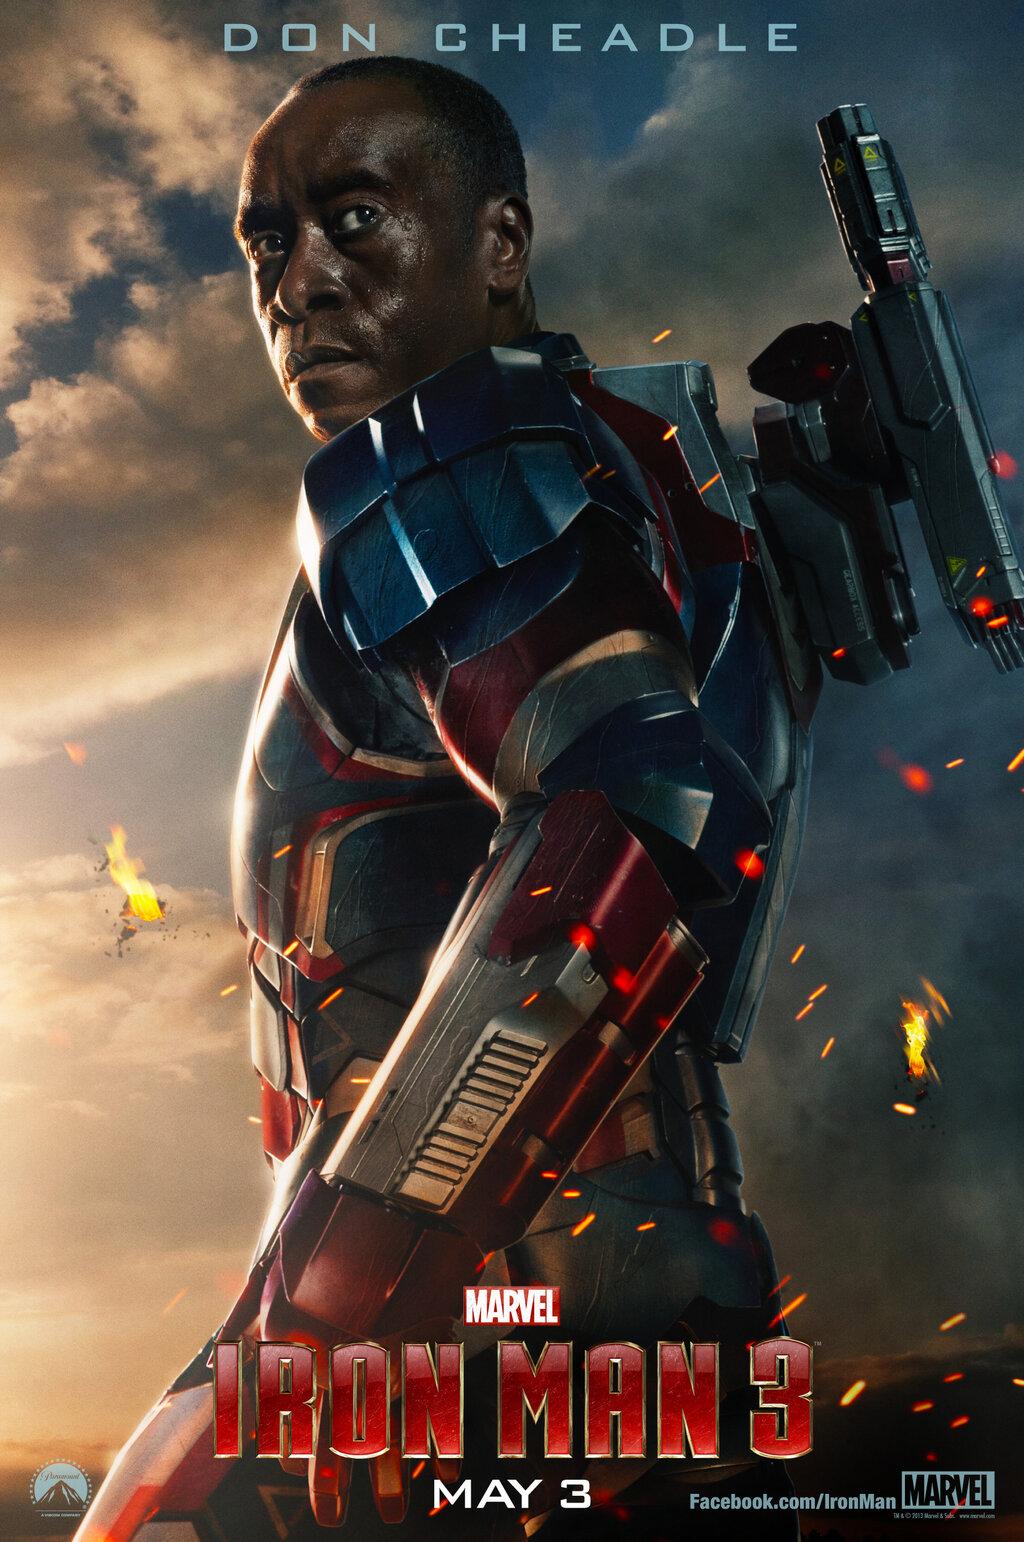 don cheadle Iron Man 3 Iron Patriot Poster